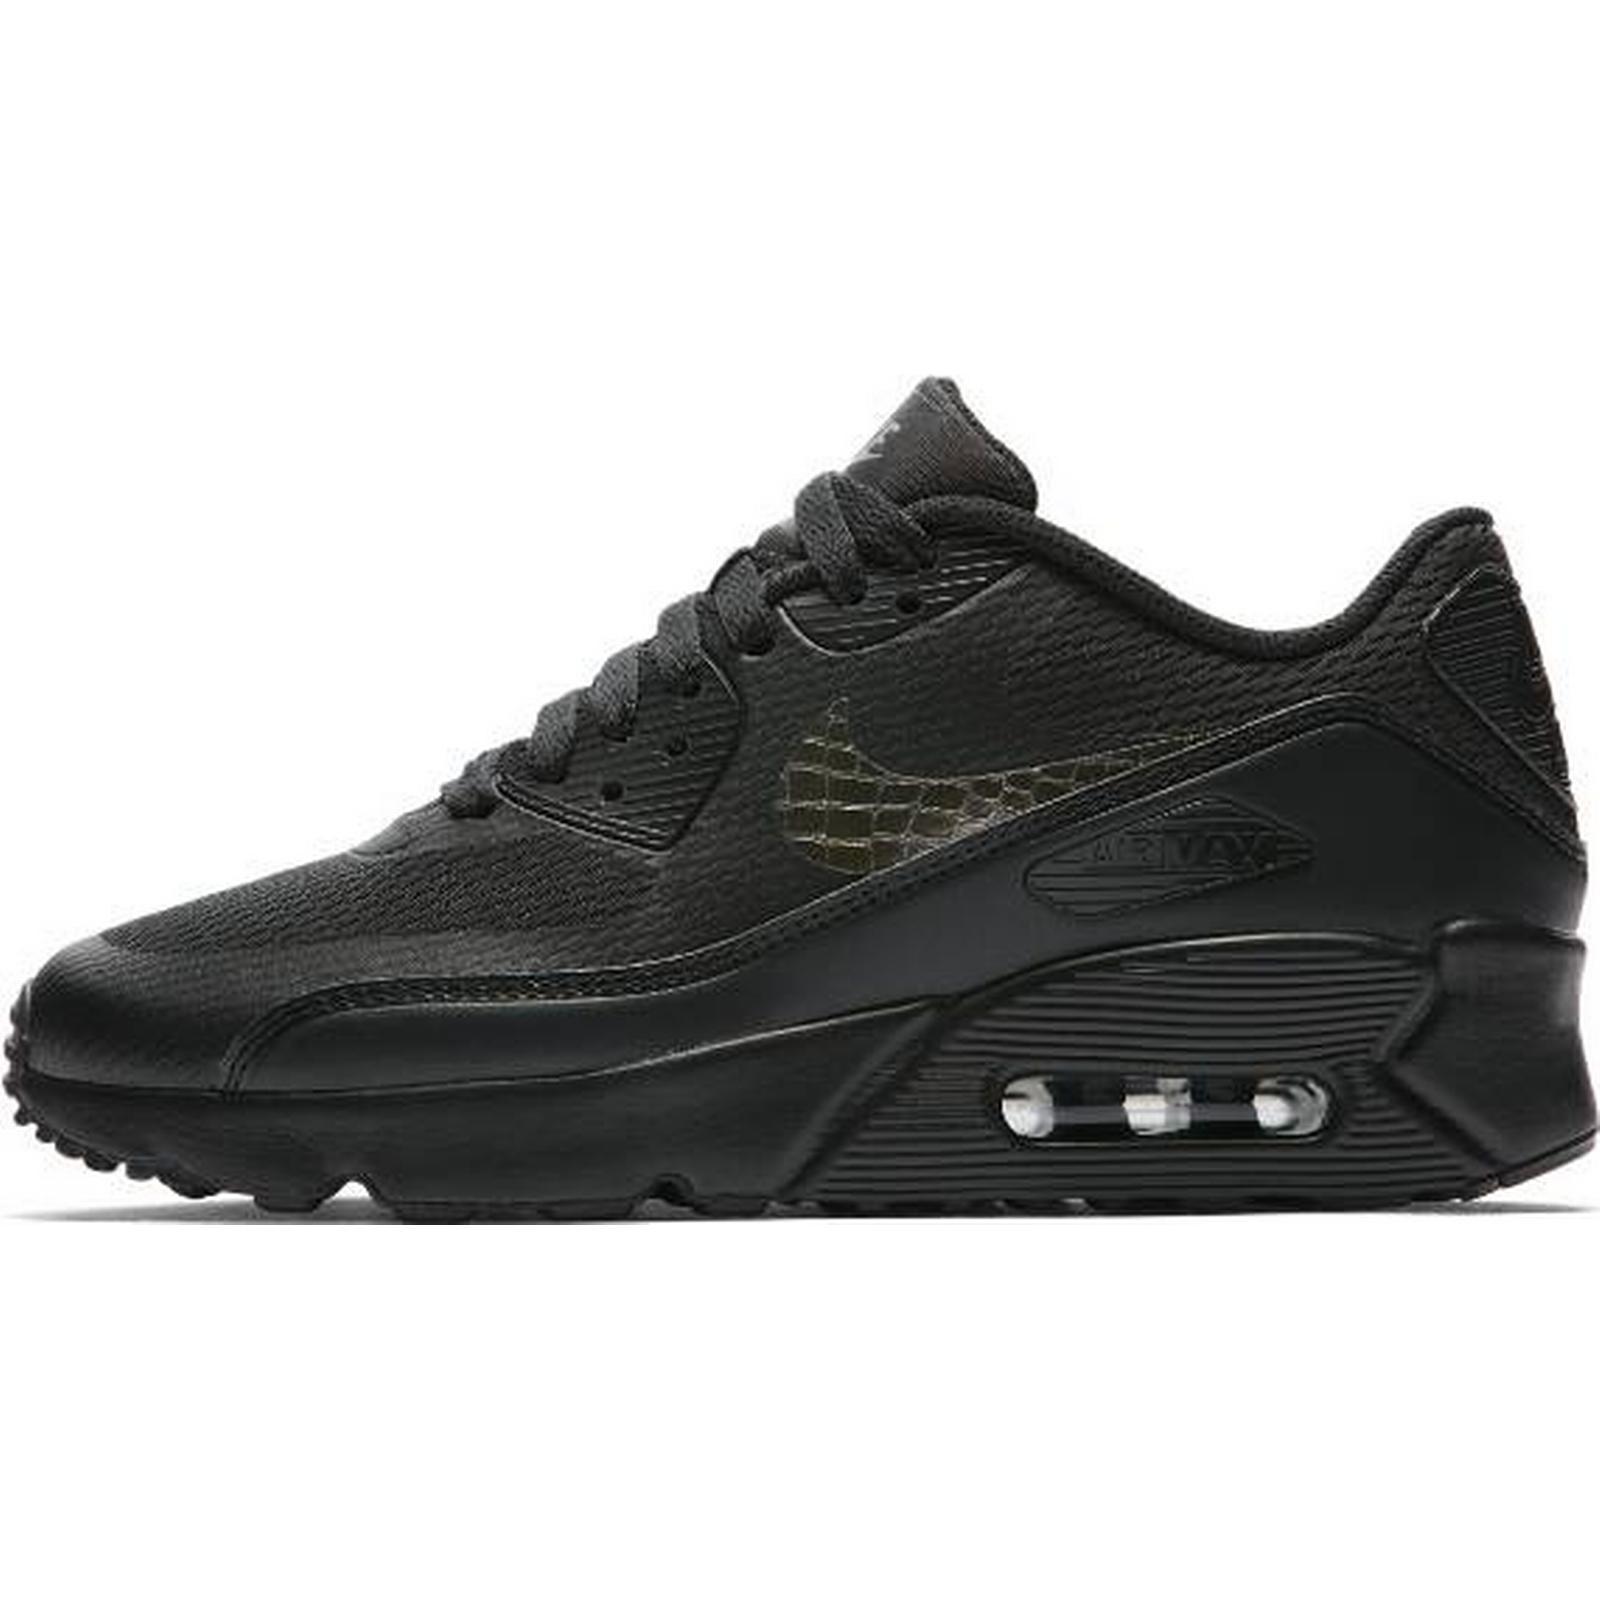 Gentlemen/Ladies: Dzieci NIKE Buty Dla Dużych Dzieci Gentlemen/Ladies: Nike Air Max 90 Ultra 2.0: New Listing 56977c